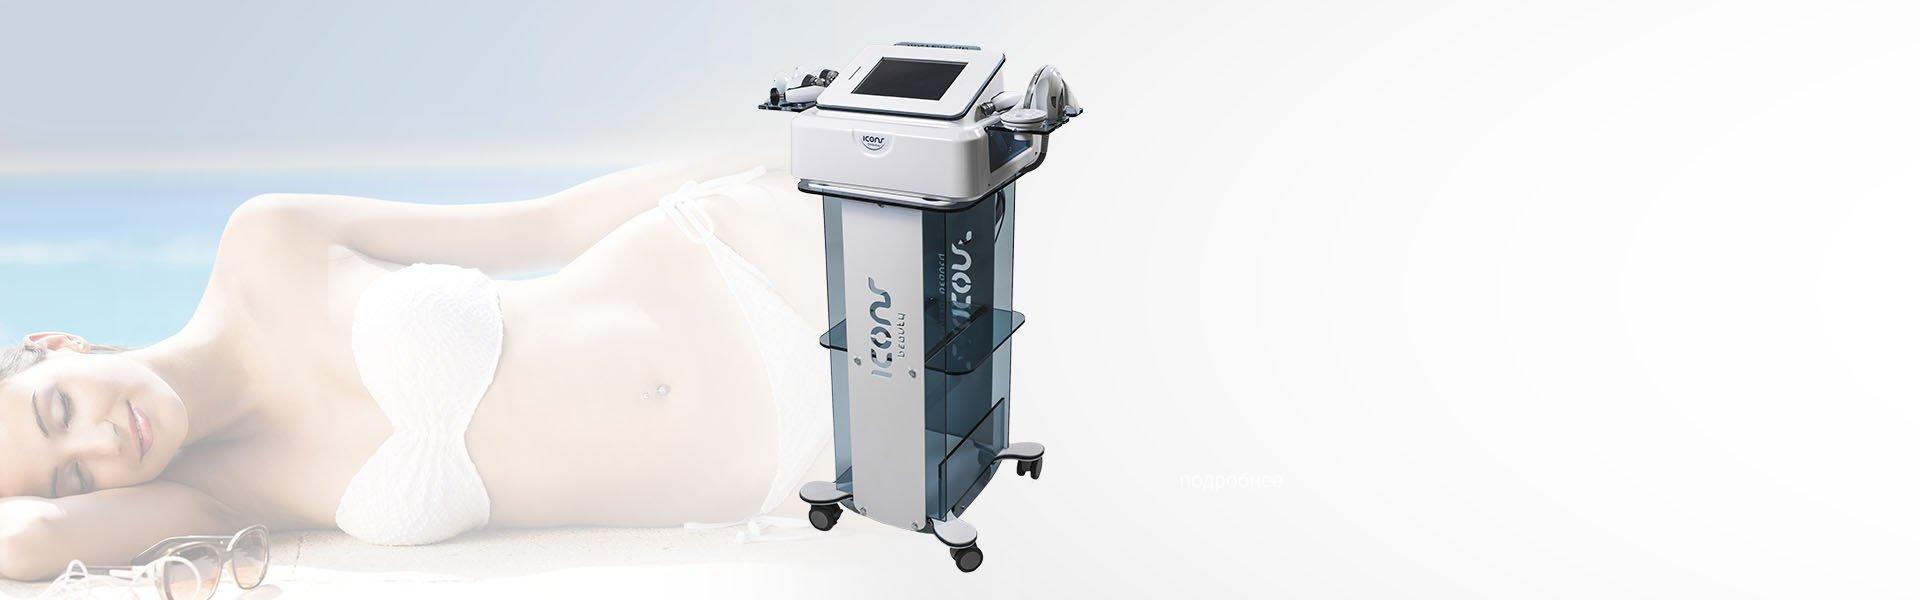 ICONS 3135 и ICONS 3137